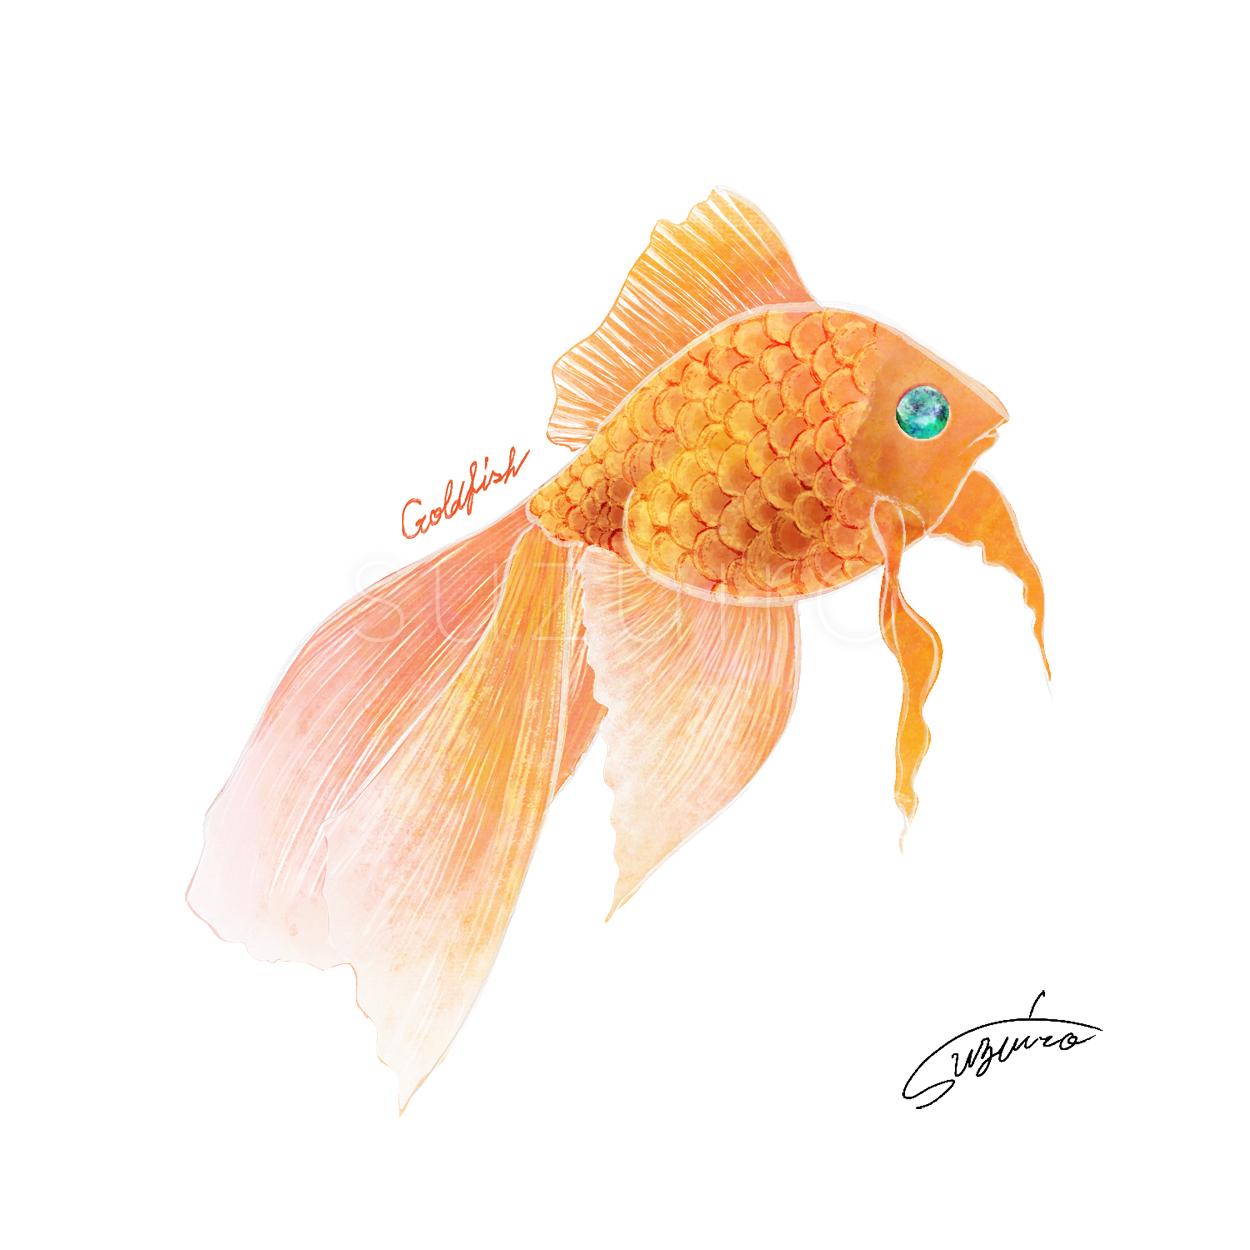 goldfish_suzuiro